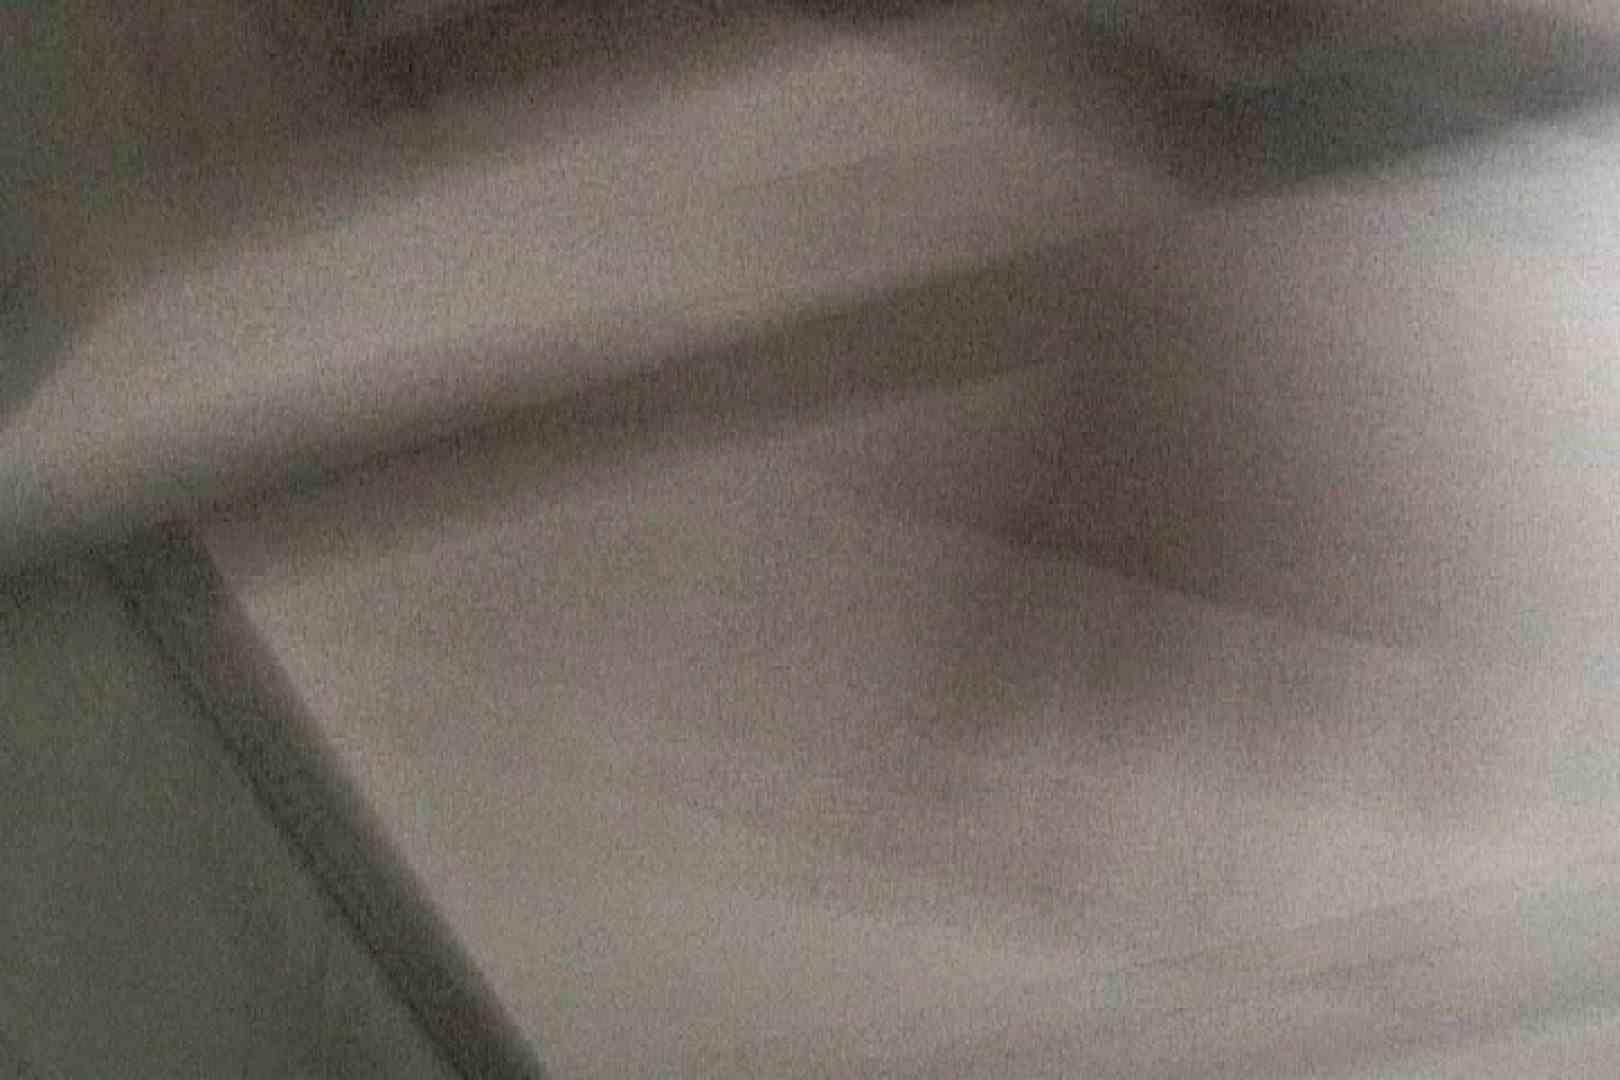 ※100個限定販売 カリスマ撮師 pepeさんの軌跡!Vol.1 盛合せ  60PIX 28